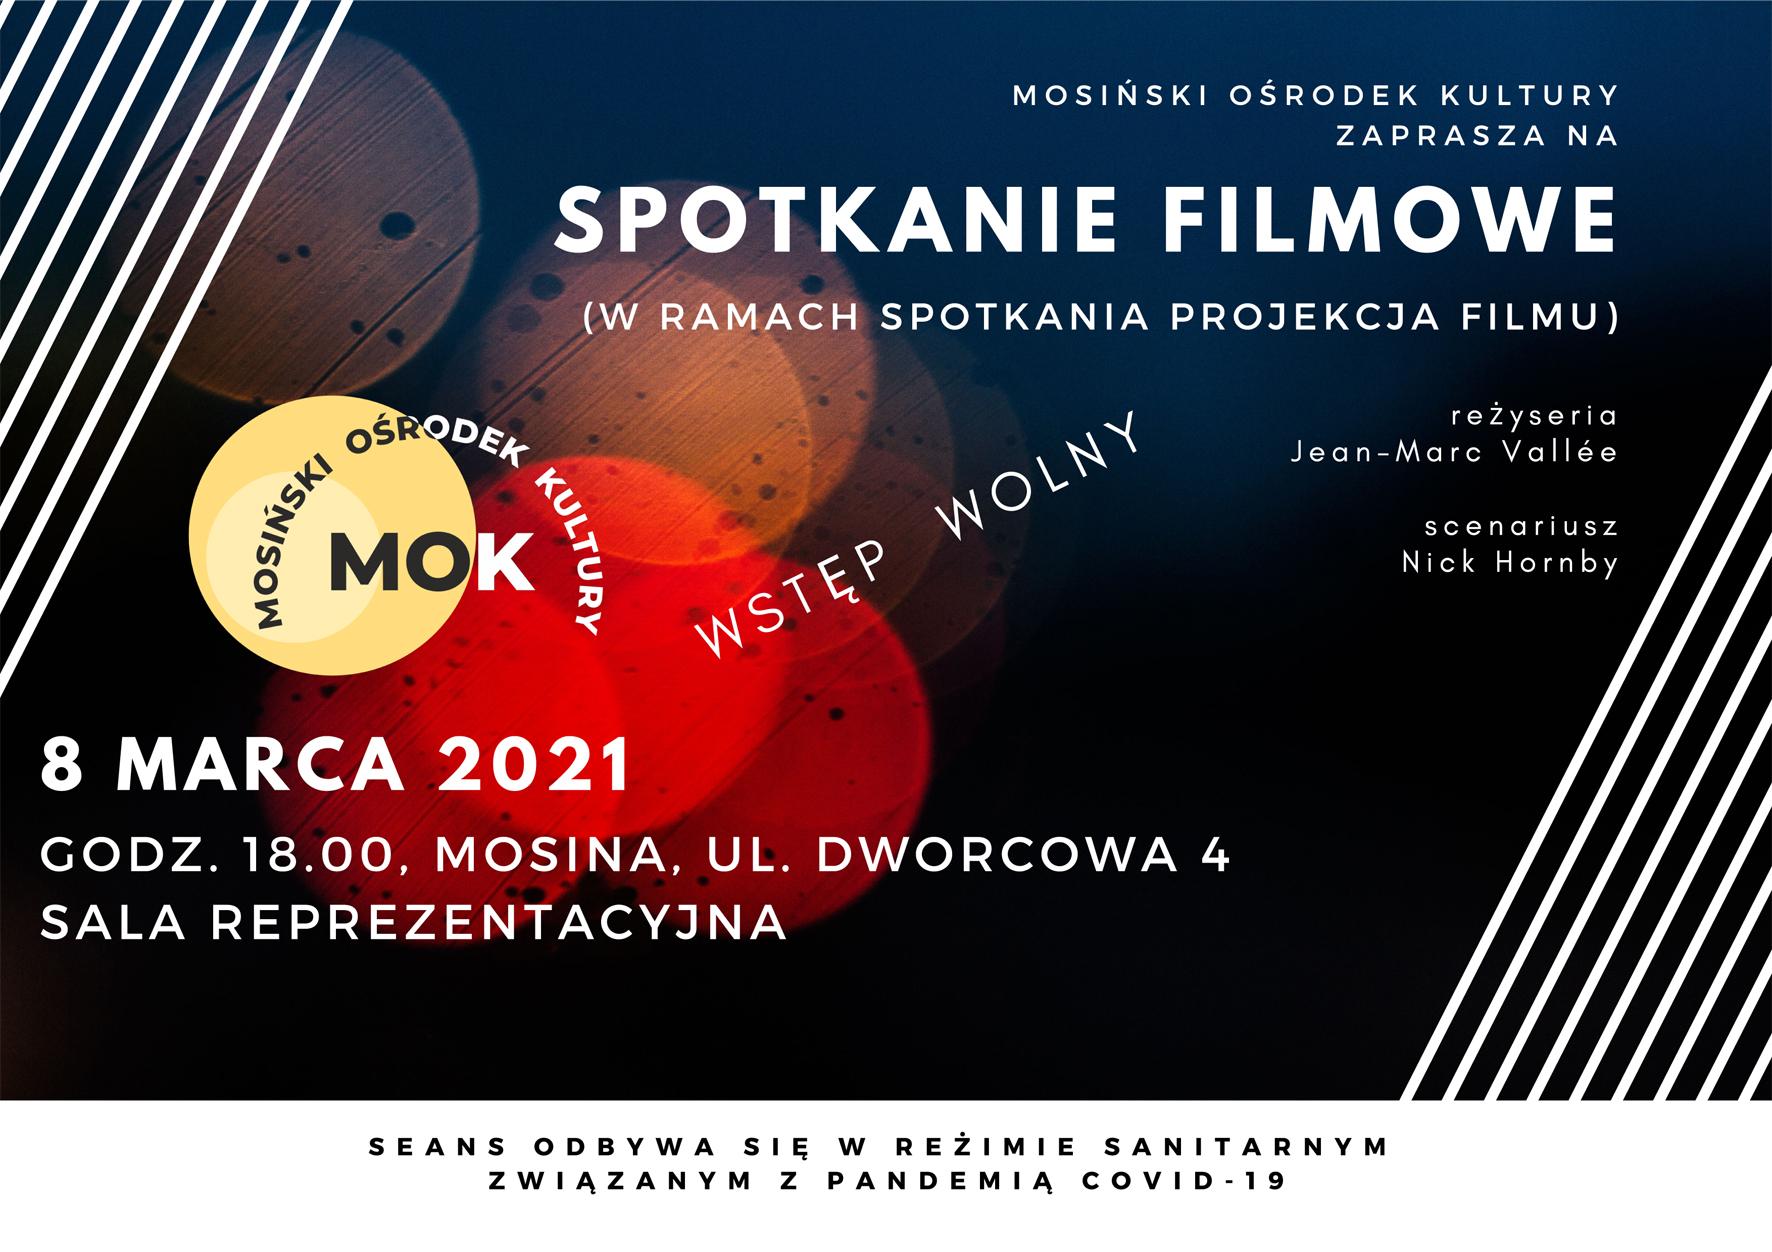 Baner informujący o spotkaniach filmowych organizowanych w Mosińskim Ośrodku Kultury